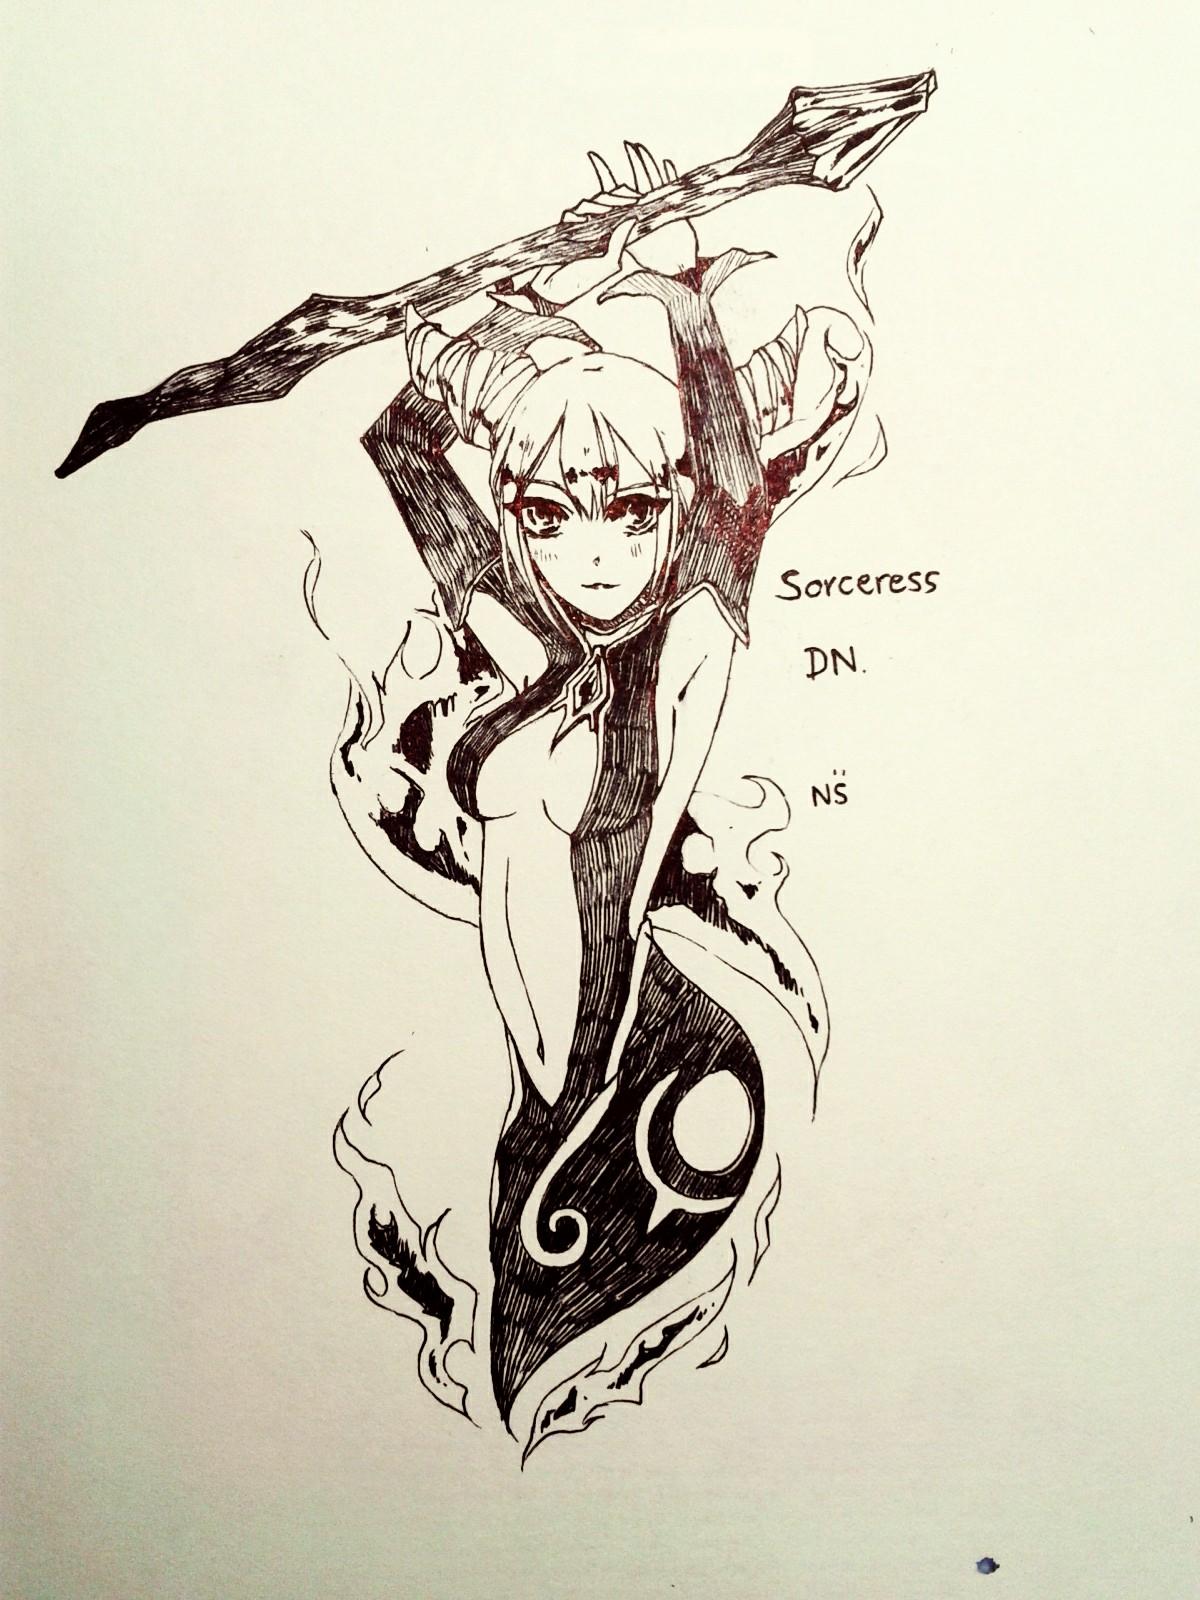 Sorceress DN by NuSinE